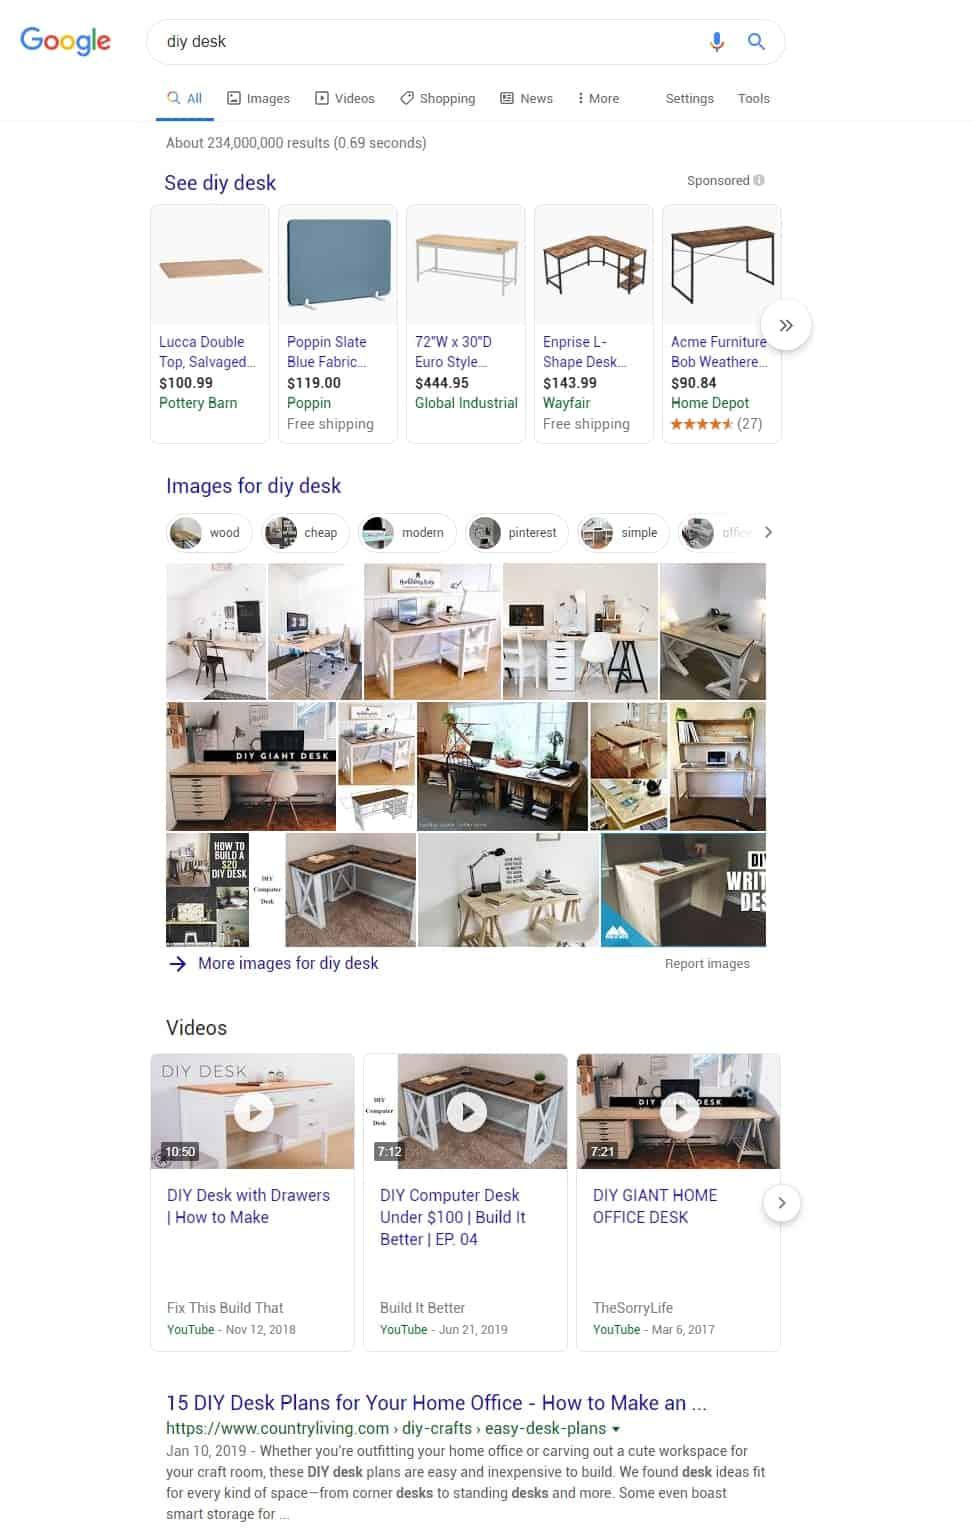 diy desk - Google Search example